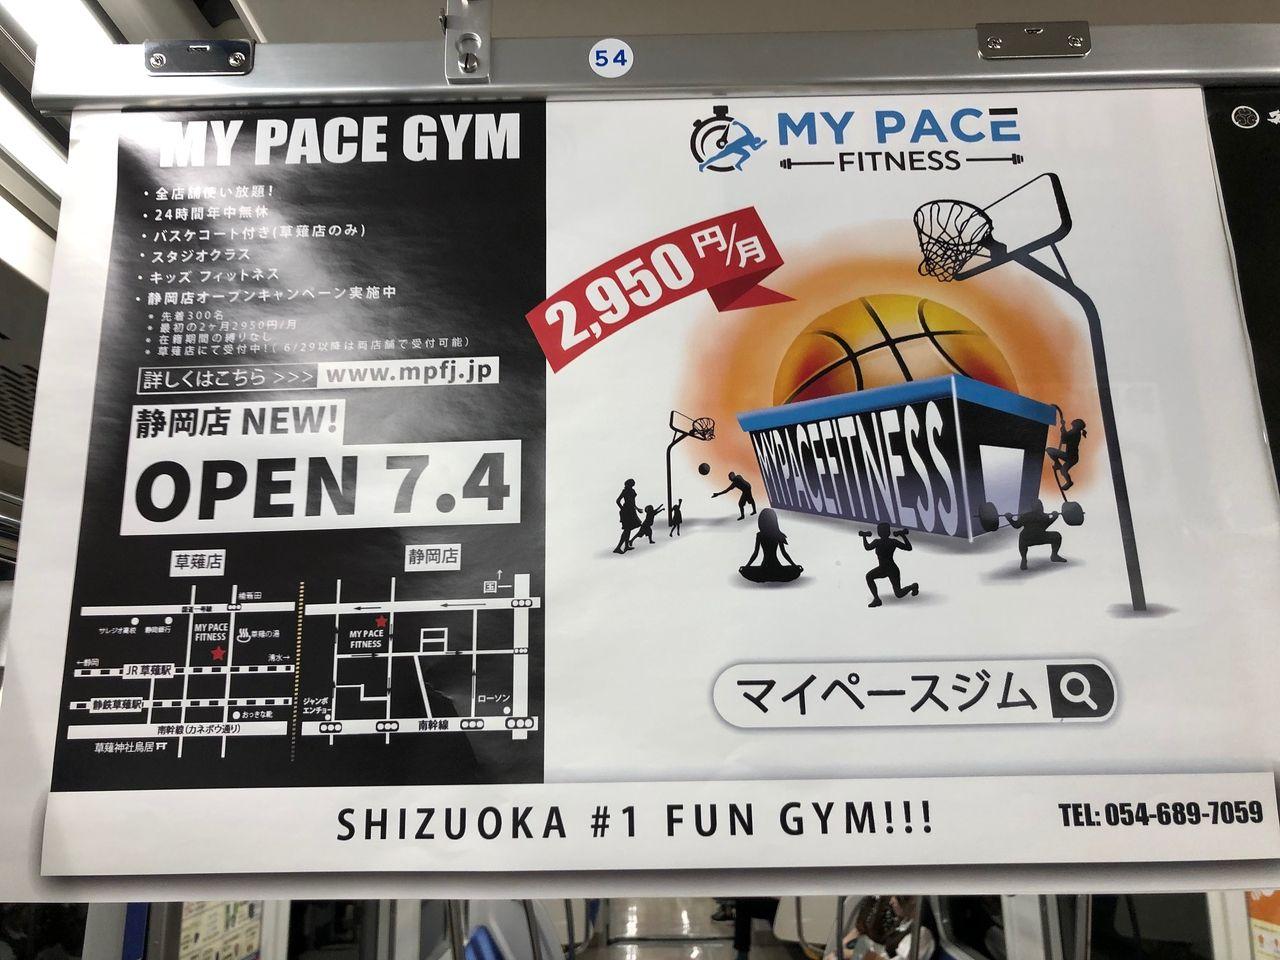 JR草薙駅の東にお店を構えるMY PACE FITNESS ジムの静岡店がオープンします。